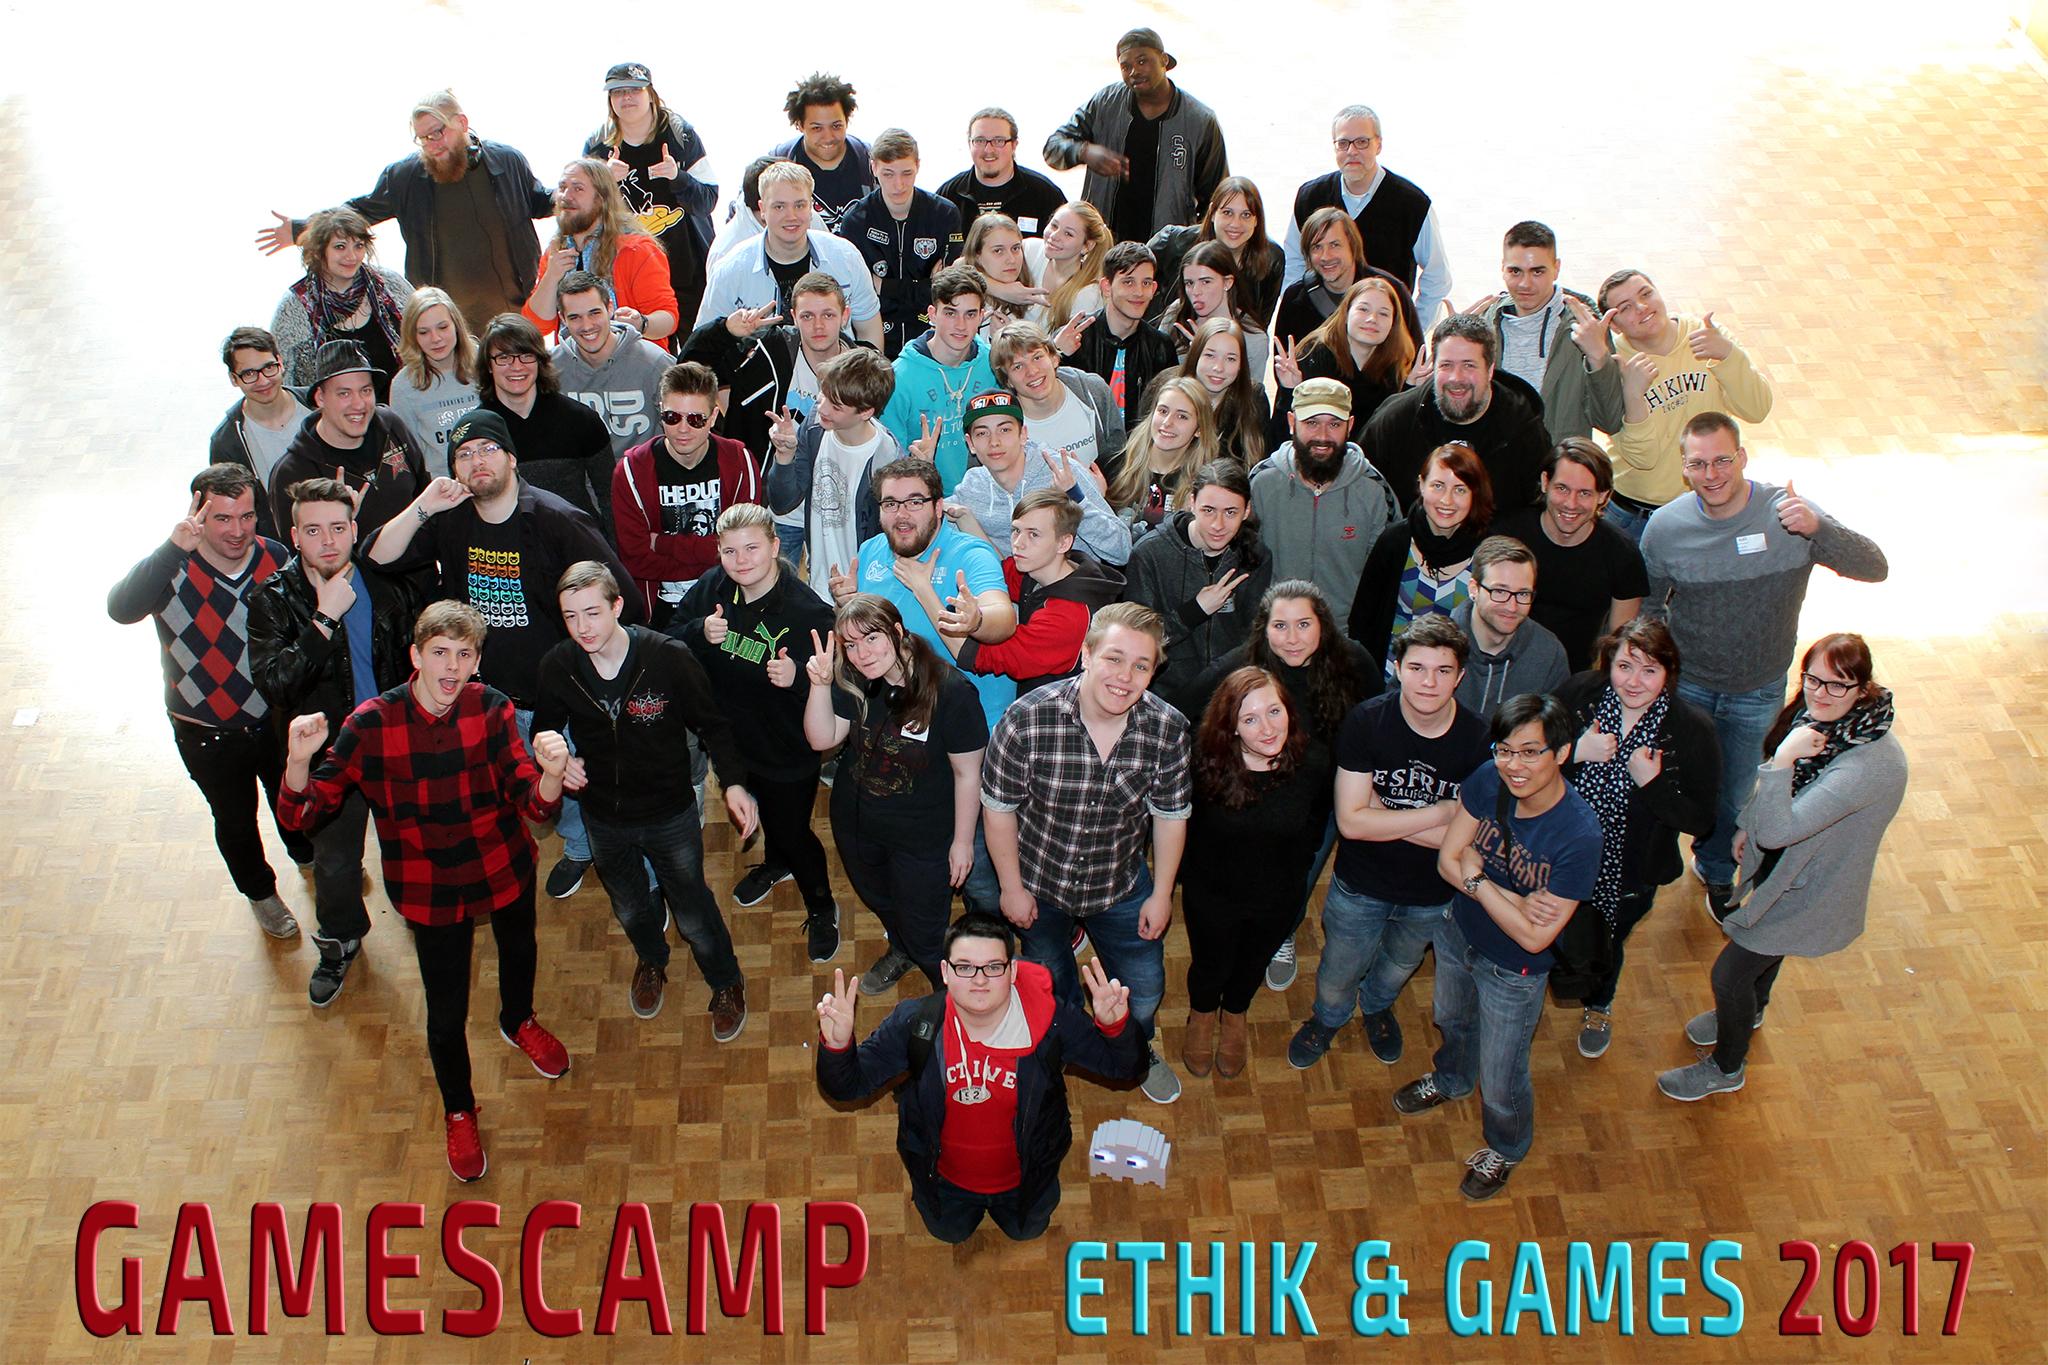 Gruppenfoto Gamescamp Ethik und Games 2017